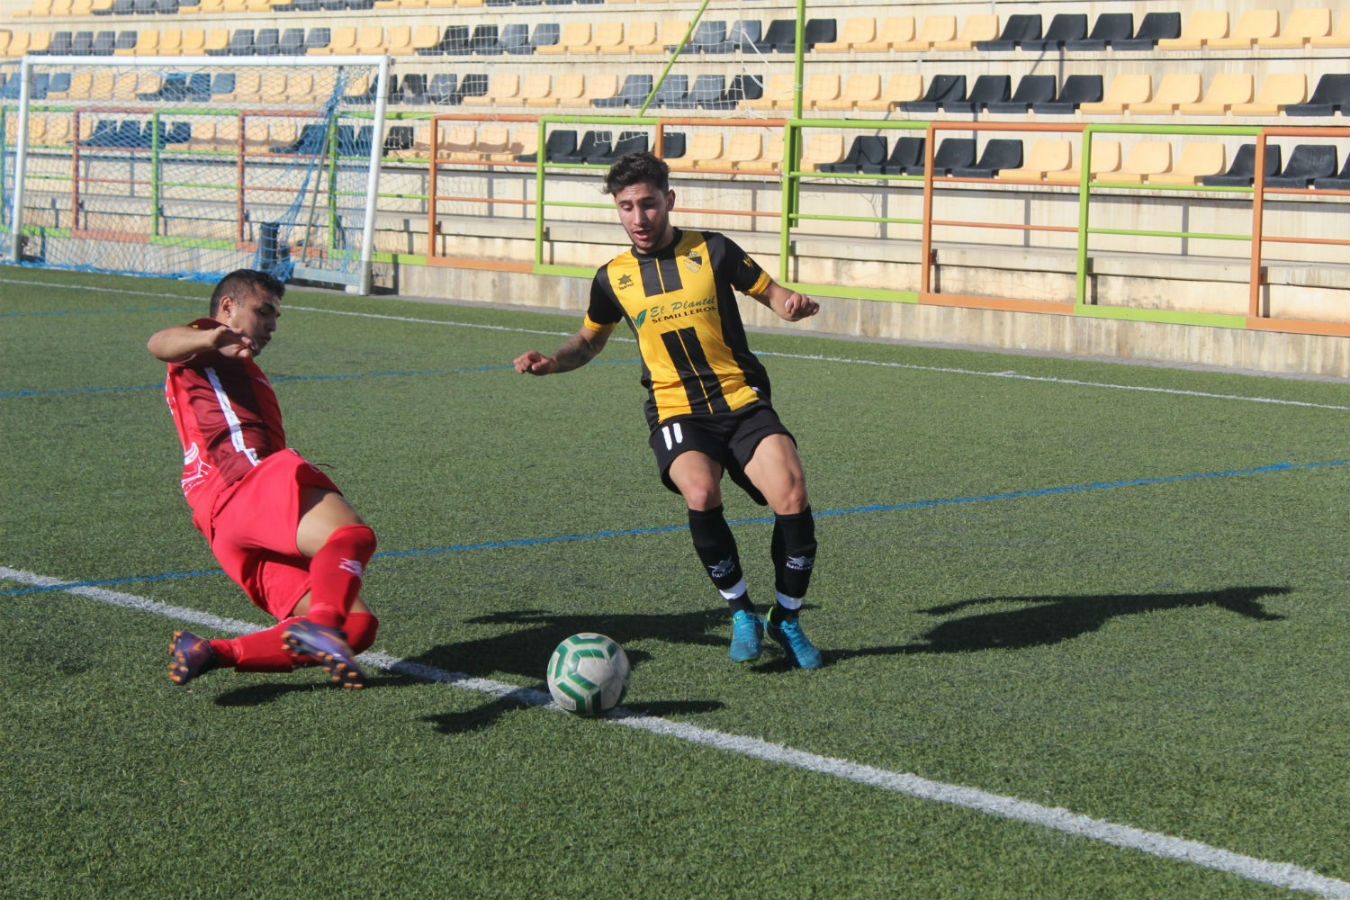 El Berja CF pierde frente al CD Rincón pero seguirá luchando para abandonar los últimos puestos